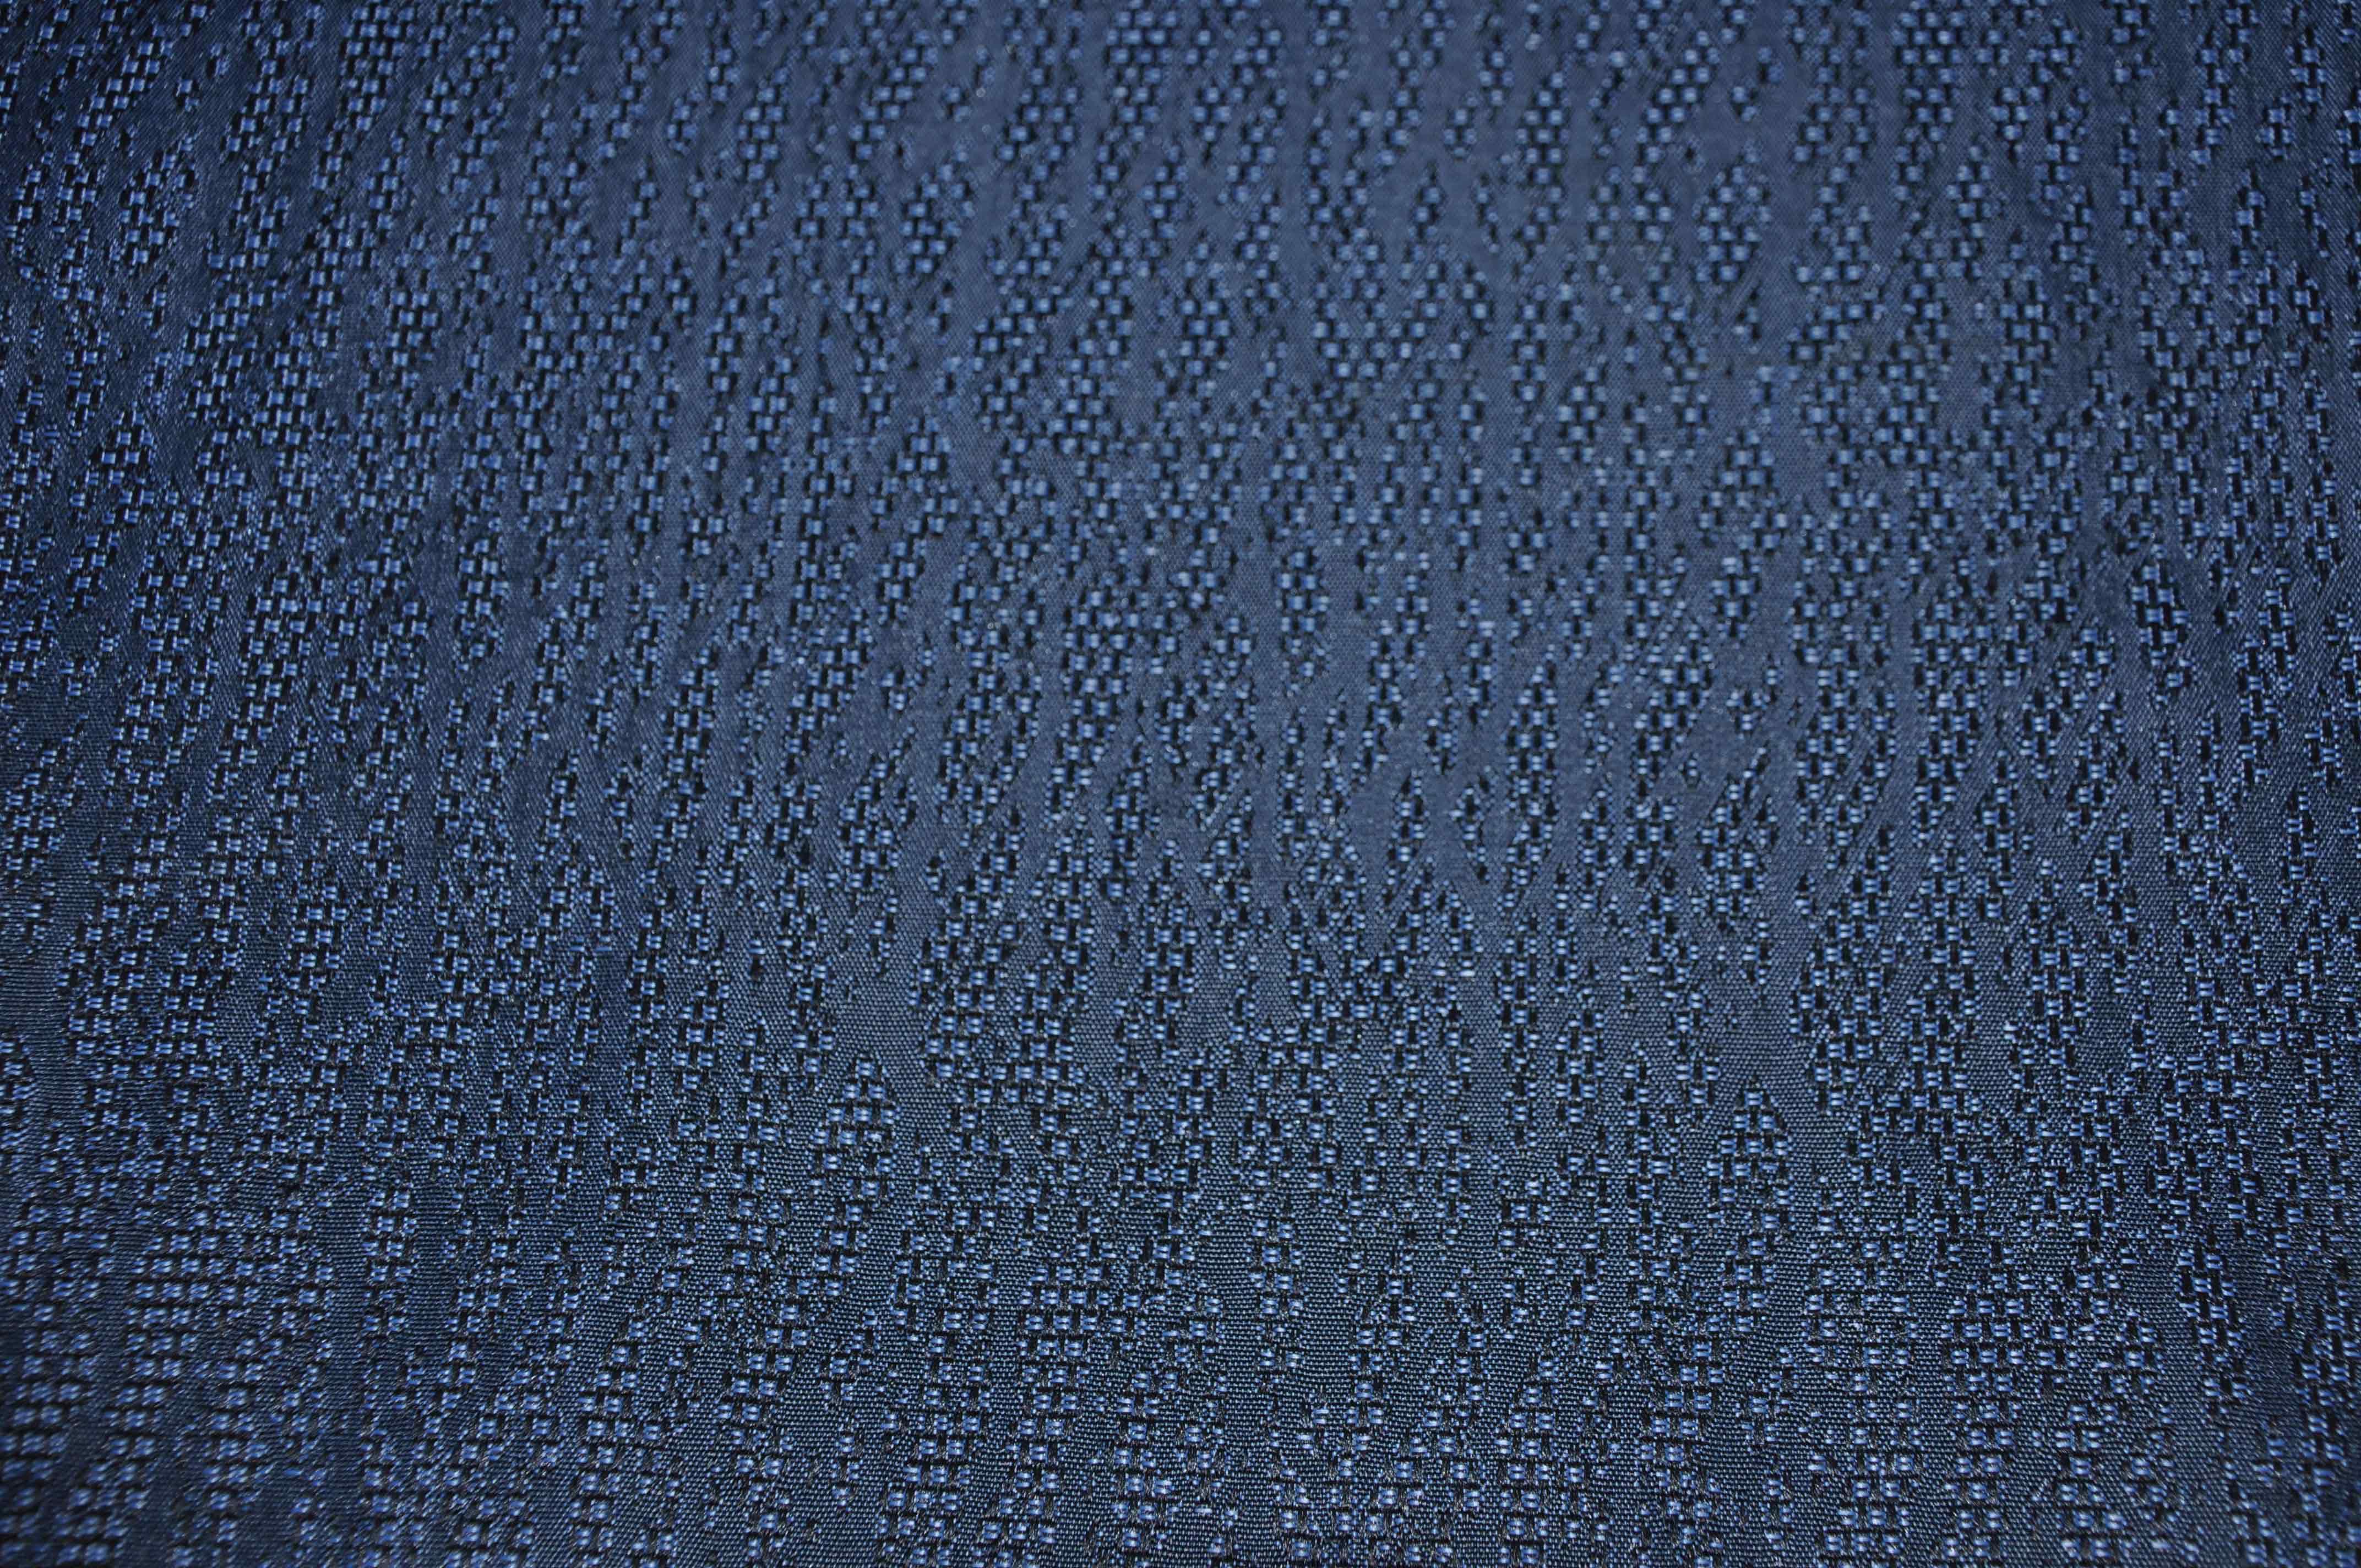 蓝底湖光星点DS8004-3面料